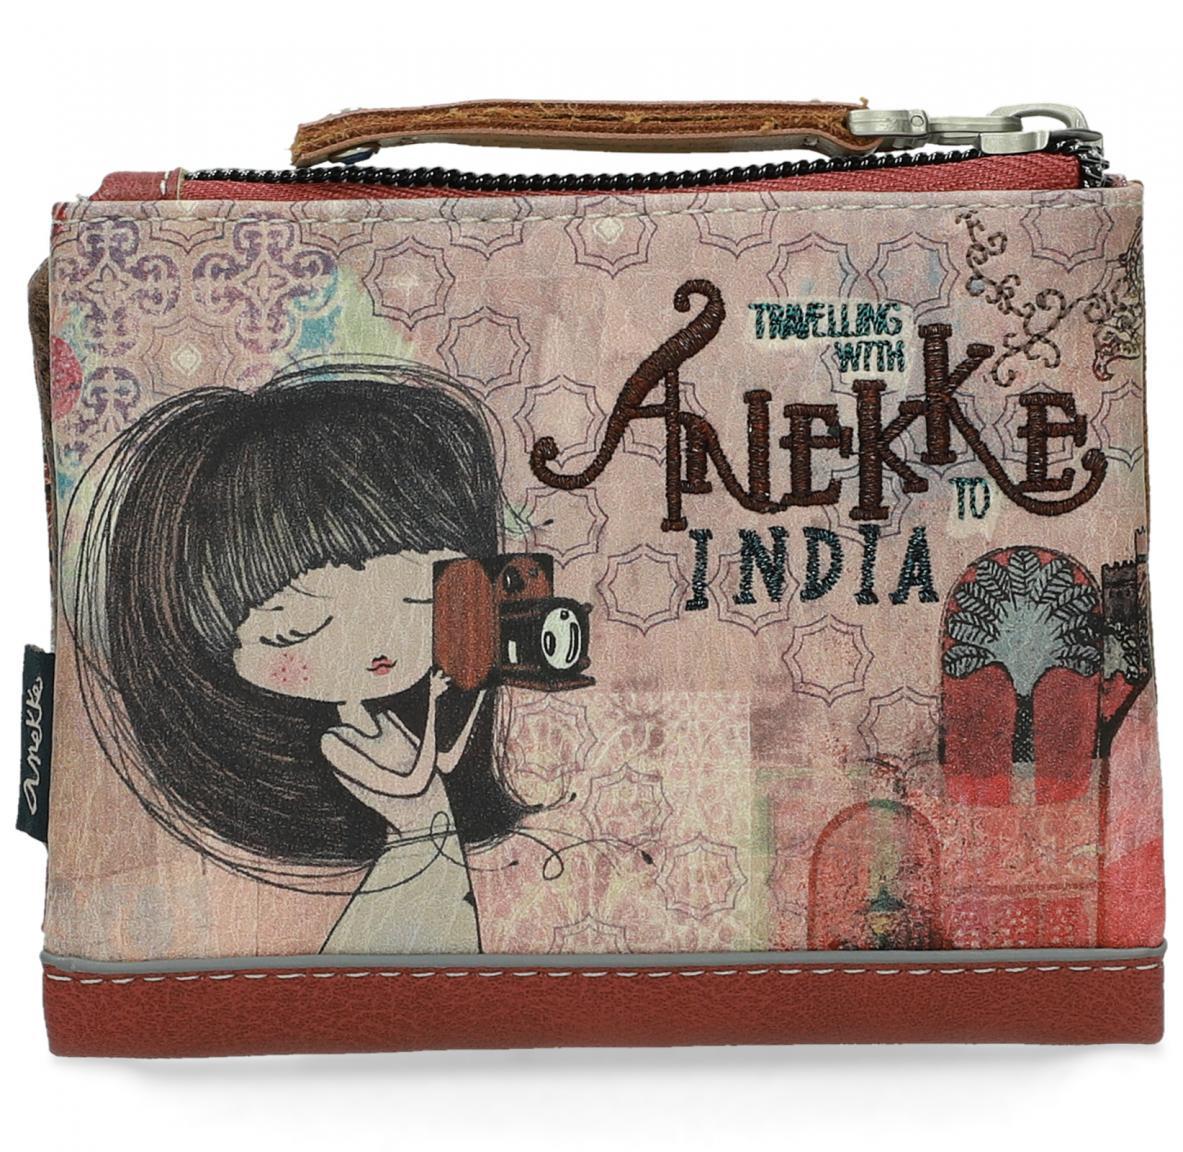 Anekke India Geldbeutel Mädchen mit Kamera bestickt rot